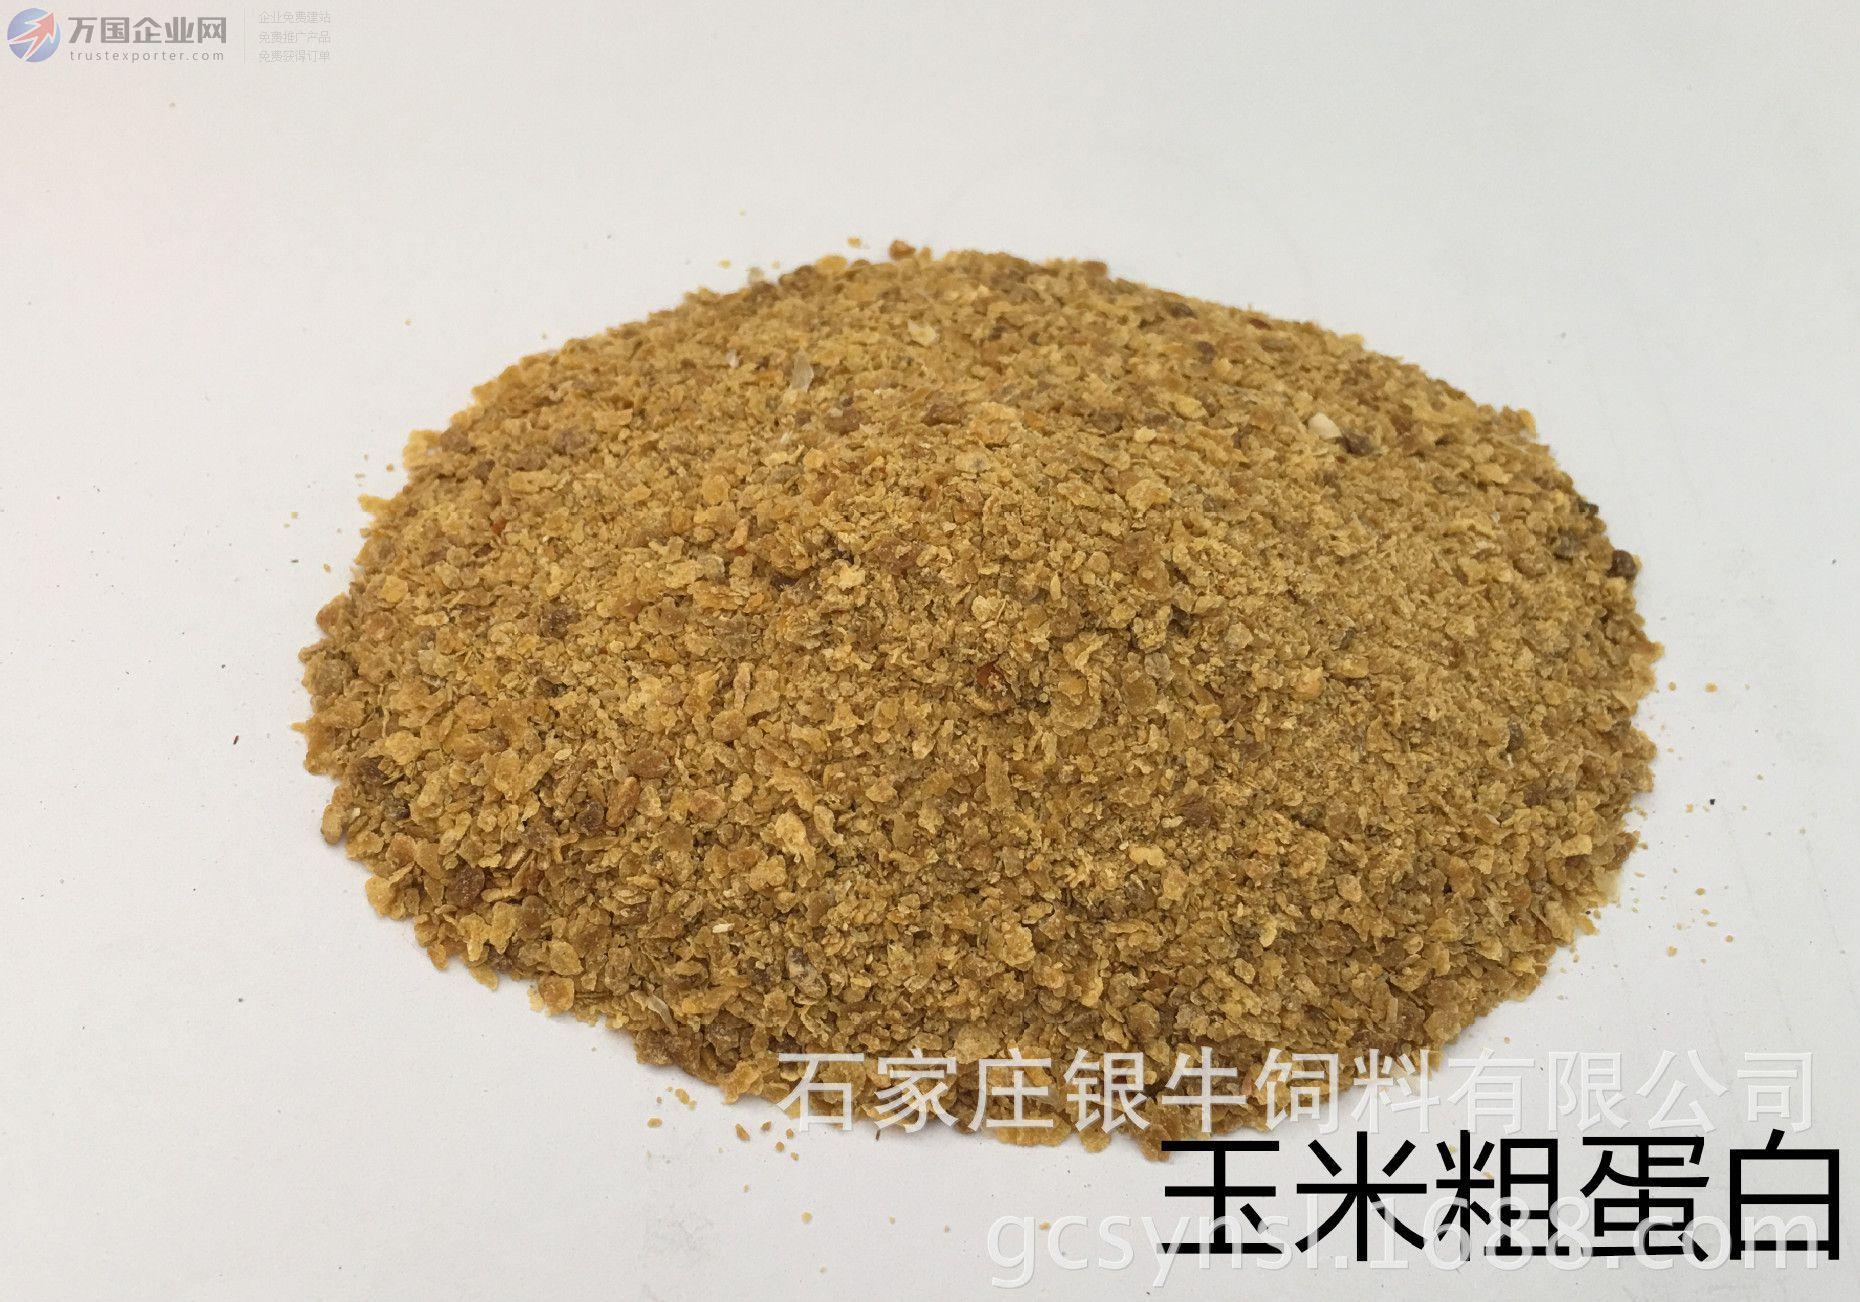 银牛饲料供应玉米粗蛋白